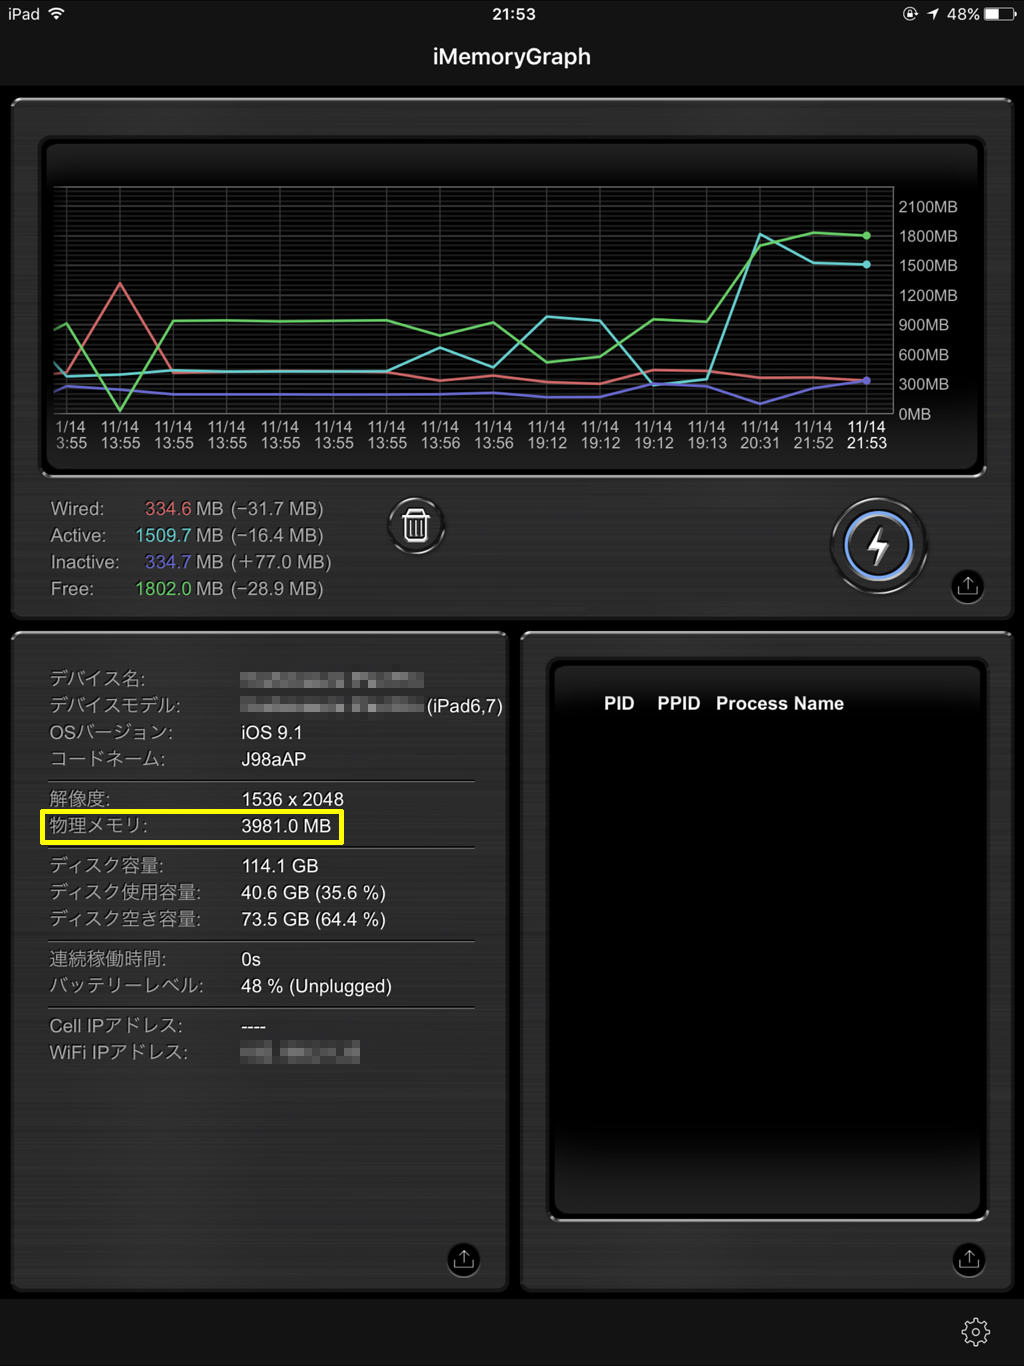 iPad-Pro-iMemoryGraph-01a.png